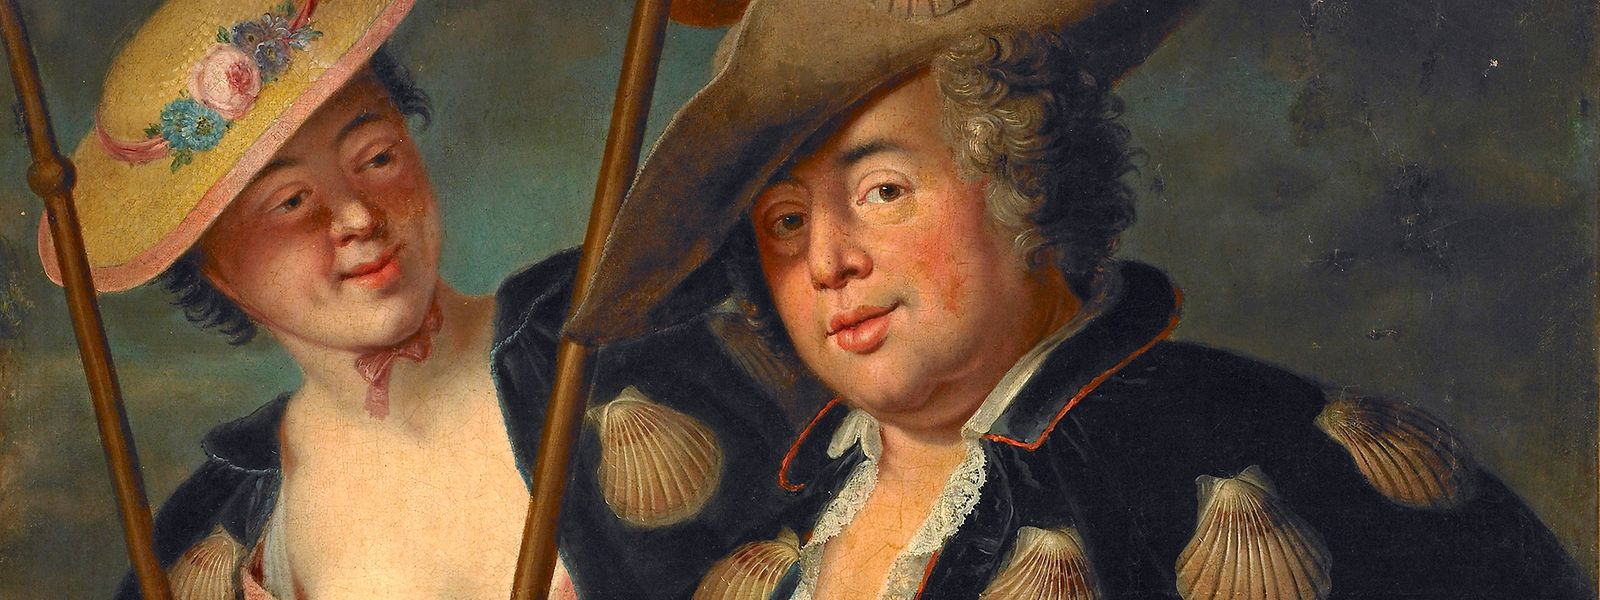 """Ein Portrait von Gustav Adolf Graf von Gotter und seine Nichte Friederike von Wangenheum in Pilgerkostüme (1750) nach Pesne Adolf von Gotter ist in der Ausstellung """"Confrontatios"""" in der Villa Vauban zu sehen."""